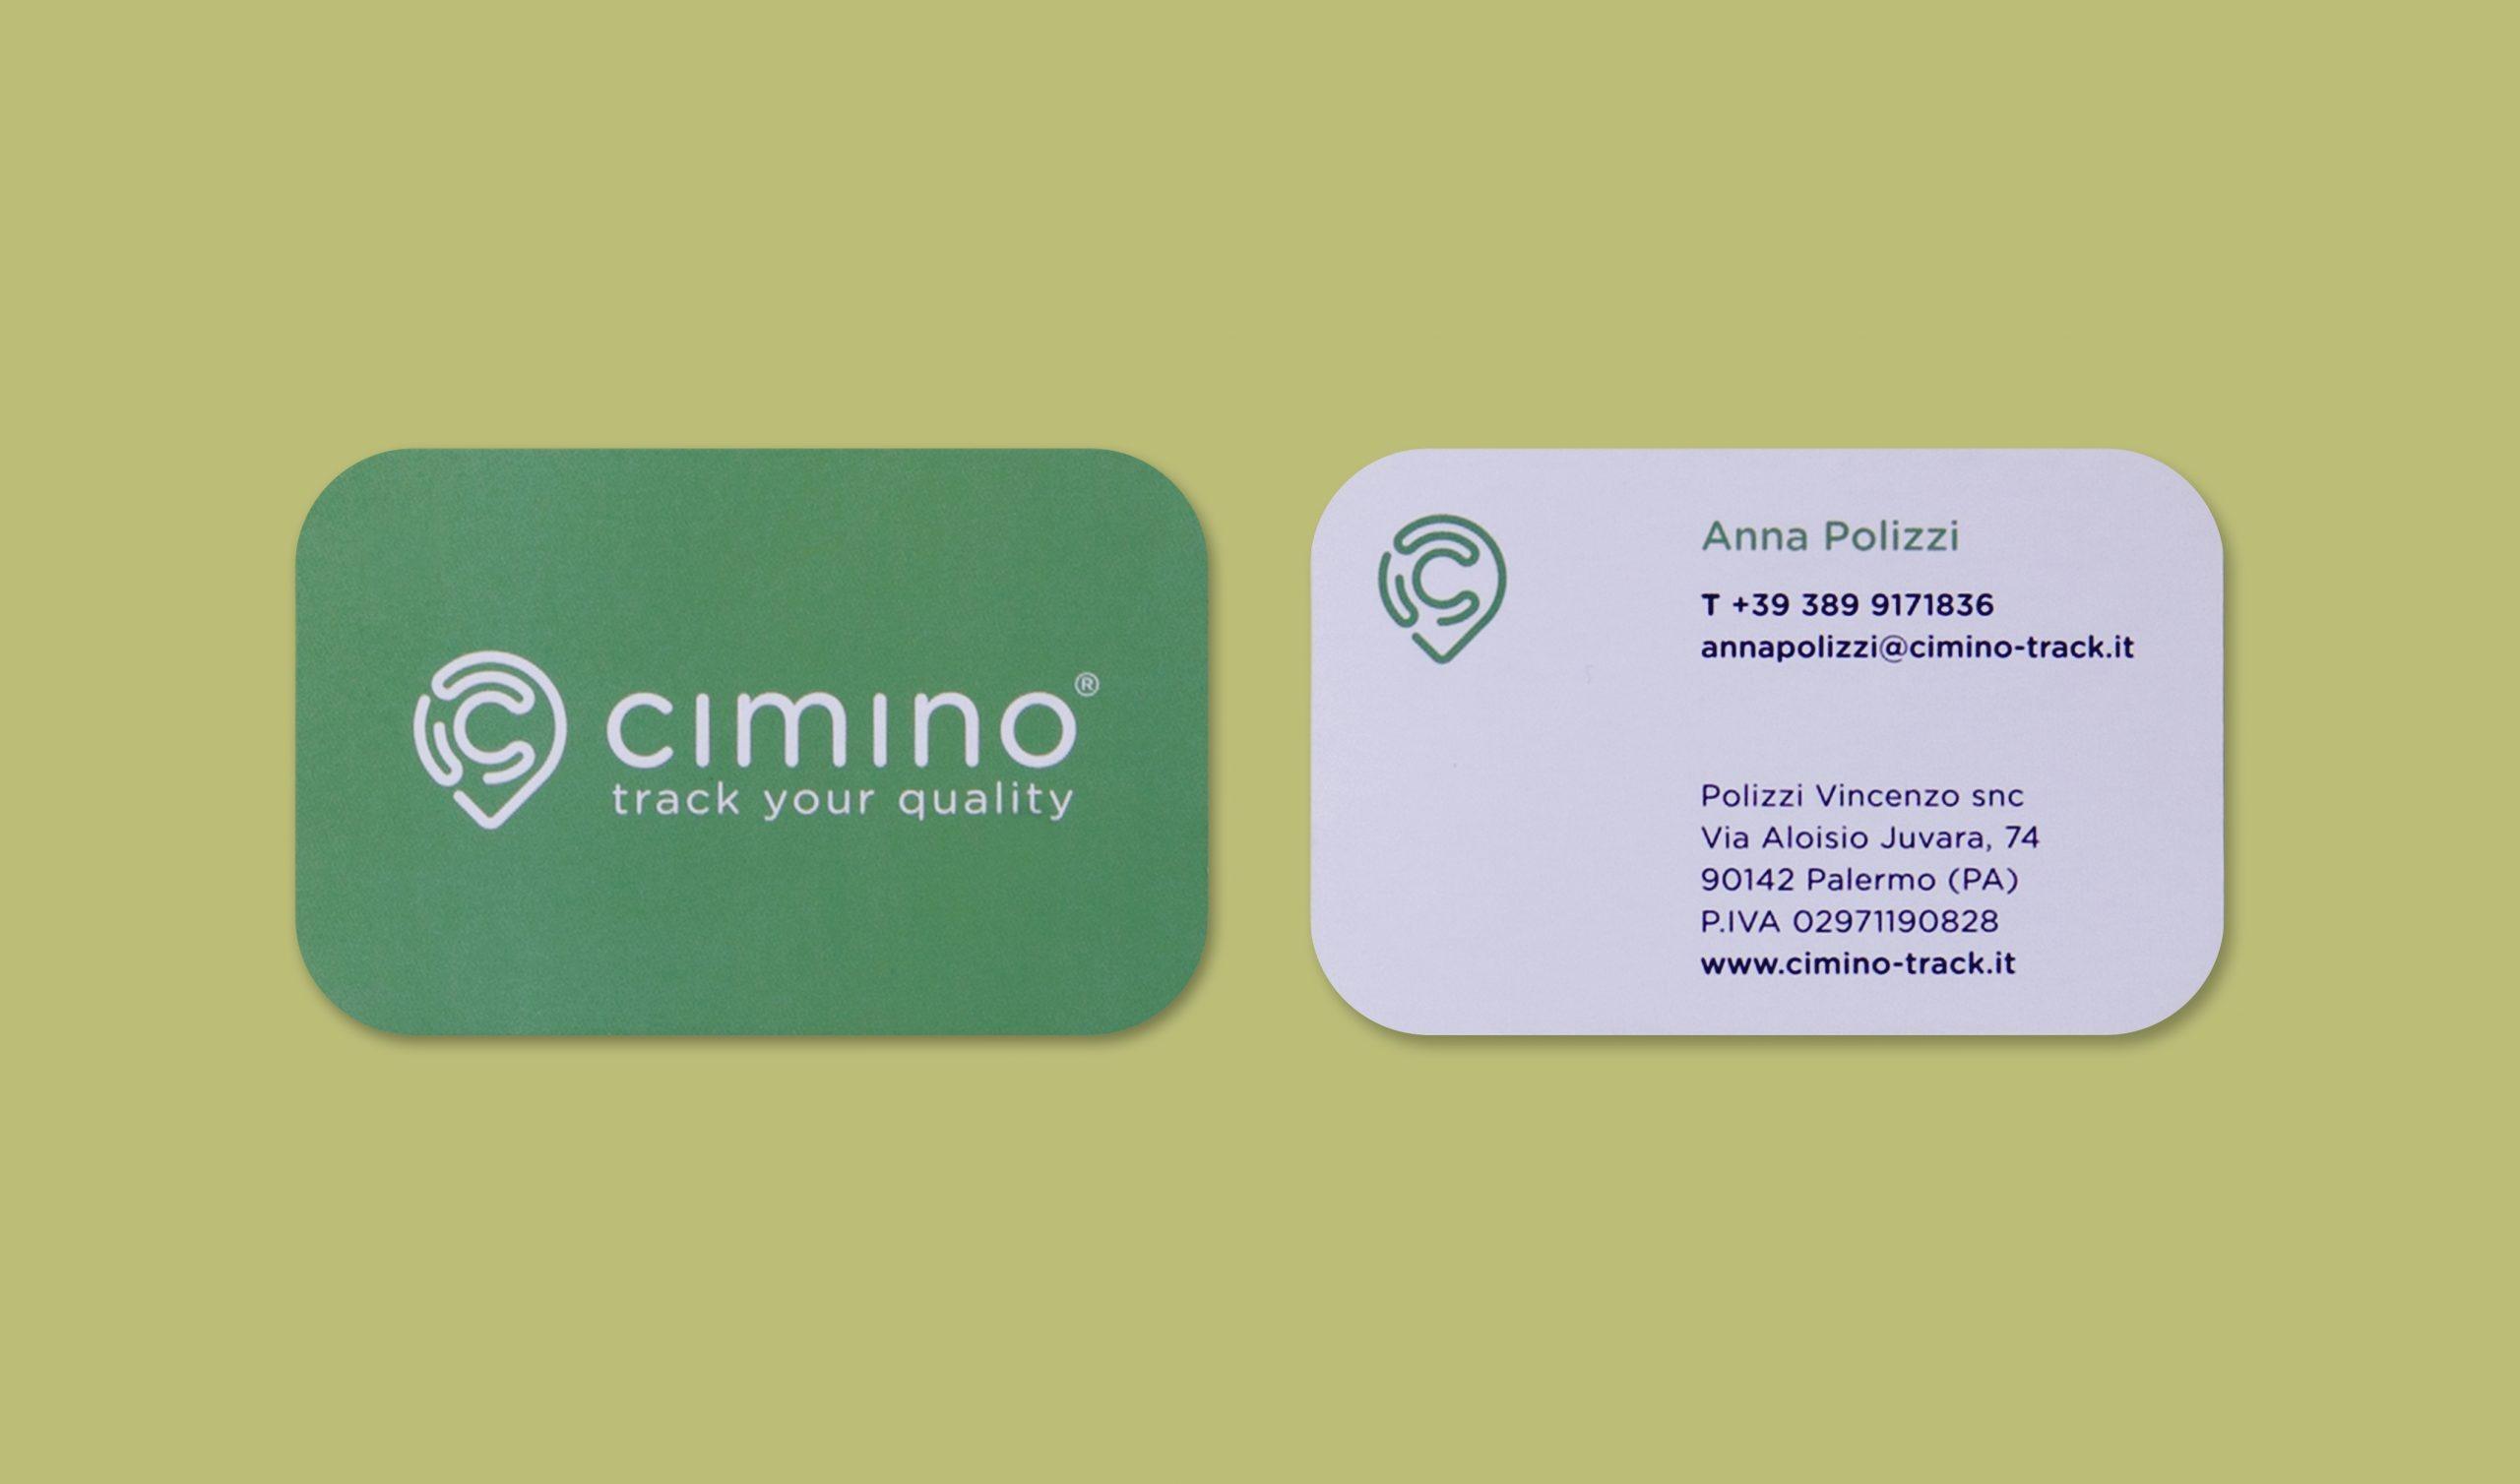 Cimino App - Biglietto da visita